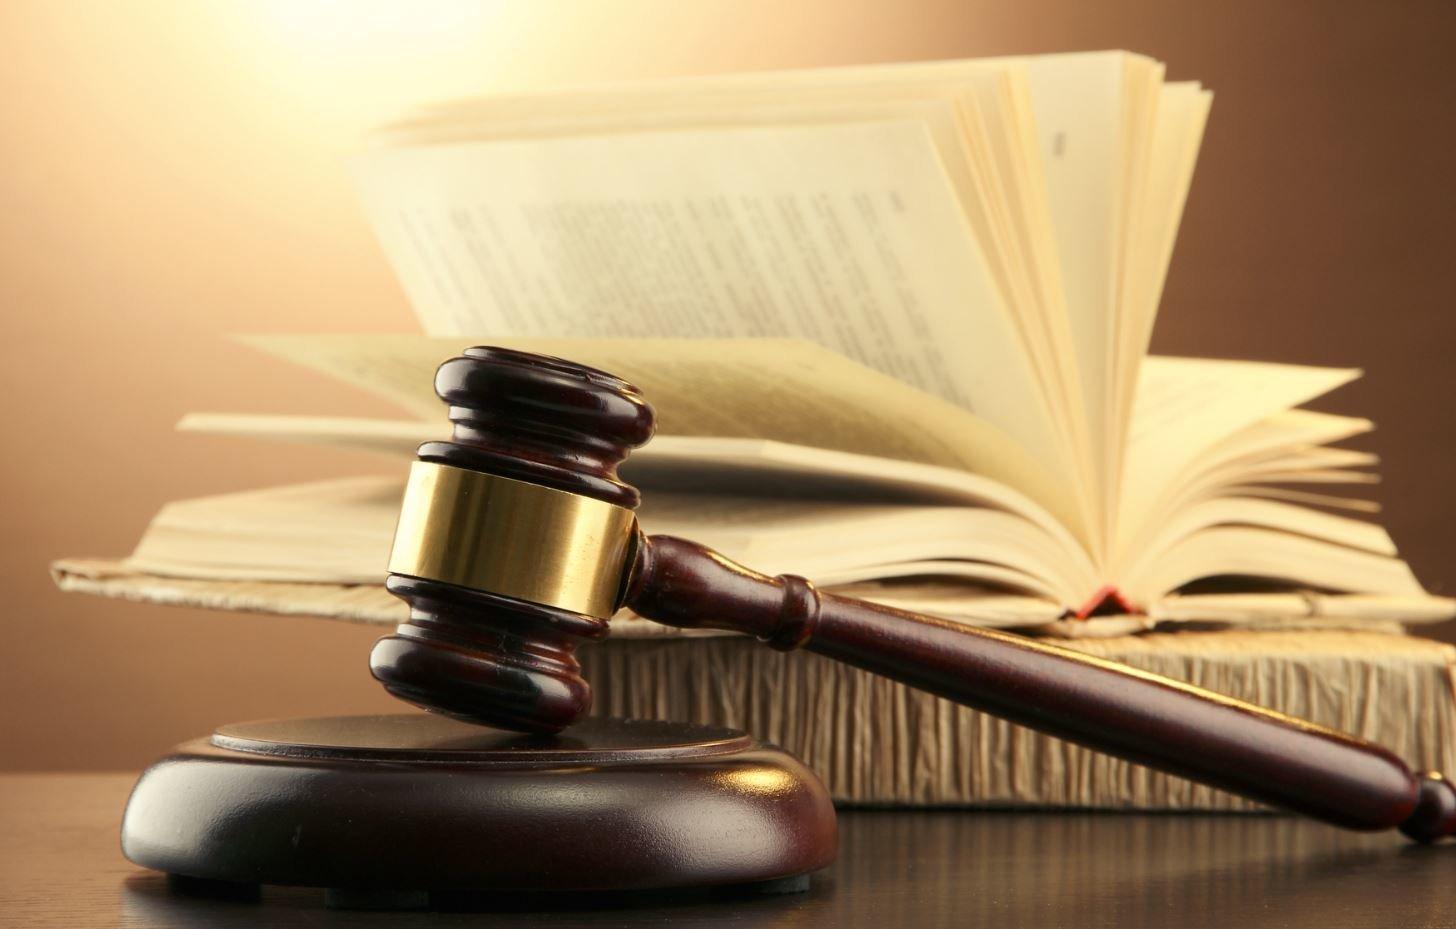 Обжалование заочного решения суда - образец жалобы, срок, порядок, апелляционное обжалование